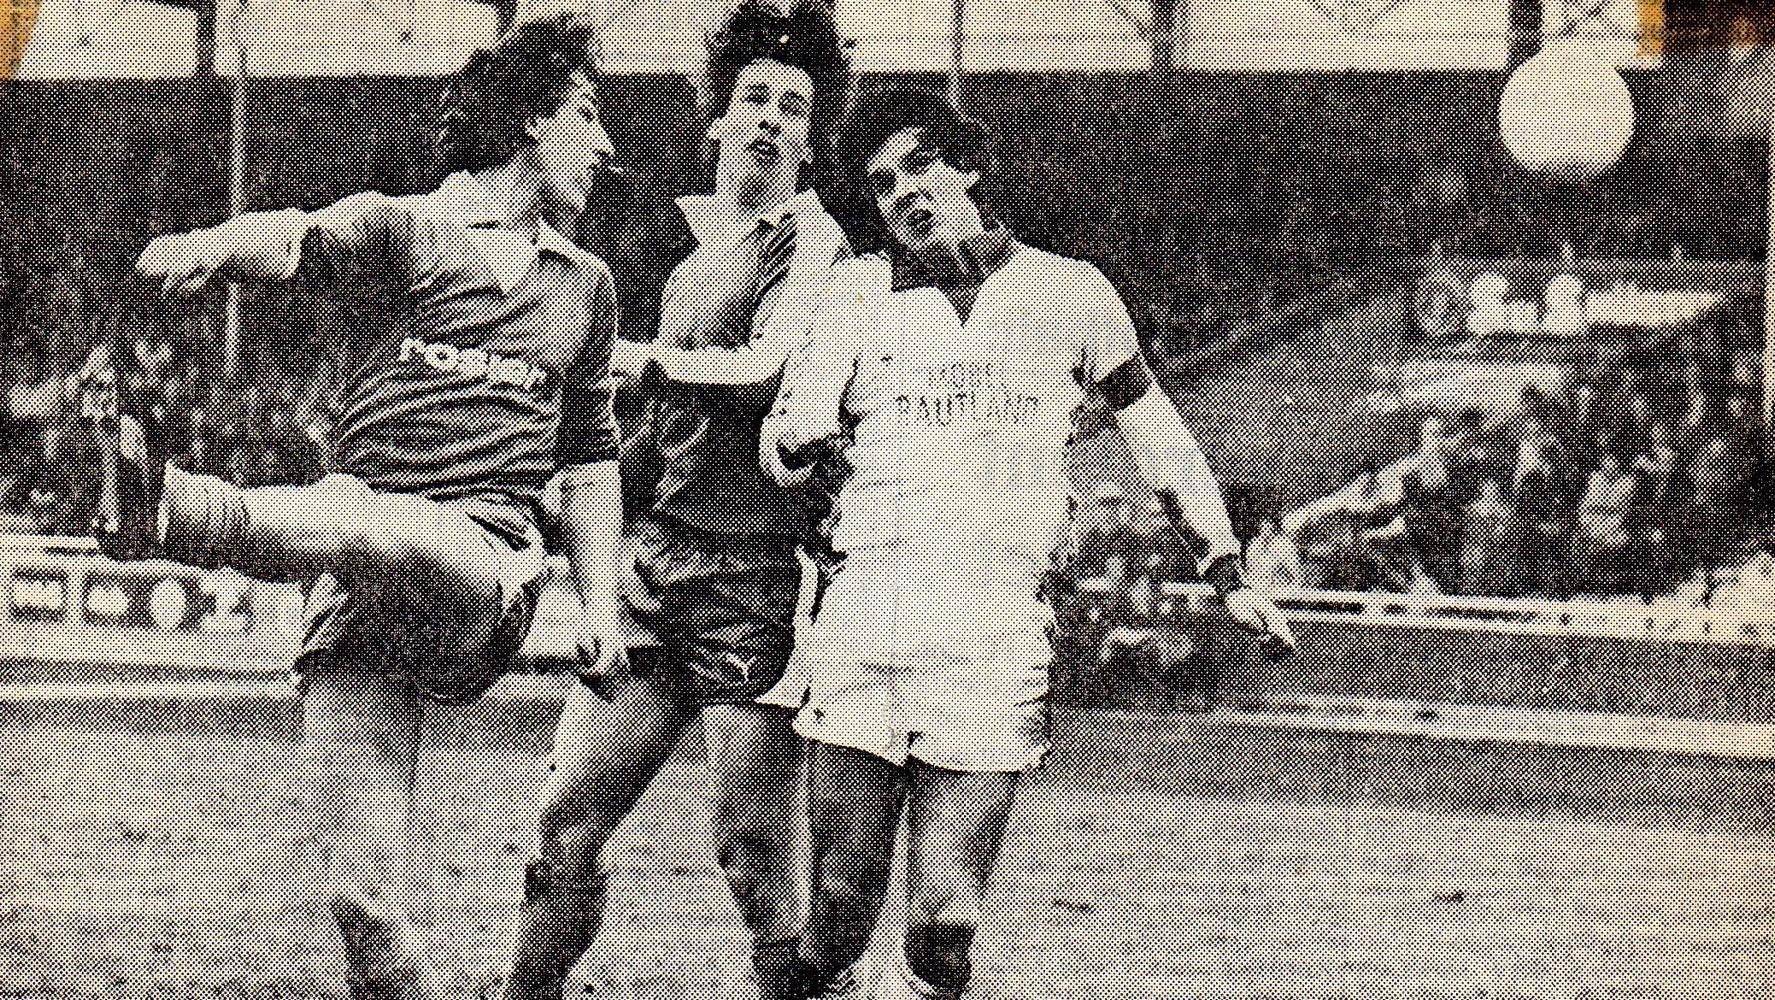 Johannes Bröker setzt zu einem wuchtigen Kopfball an. Das Leder strich jedoch über die Querlatte. Eine Szene aus dem Spiel SuS Hüsten 09 gegen VfB Rheine (3:0).